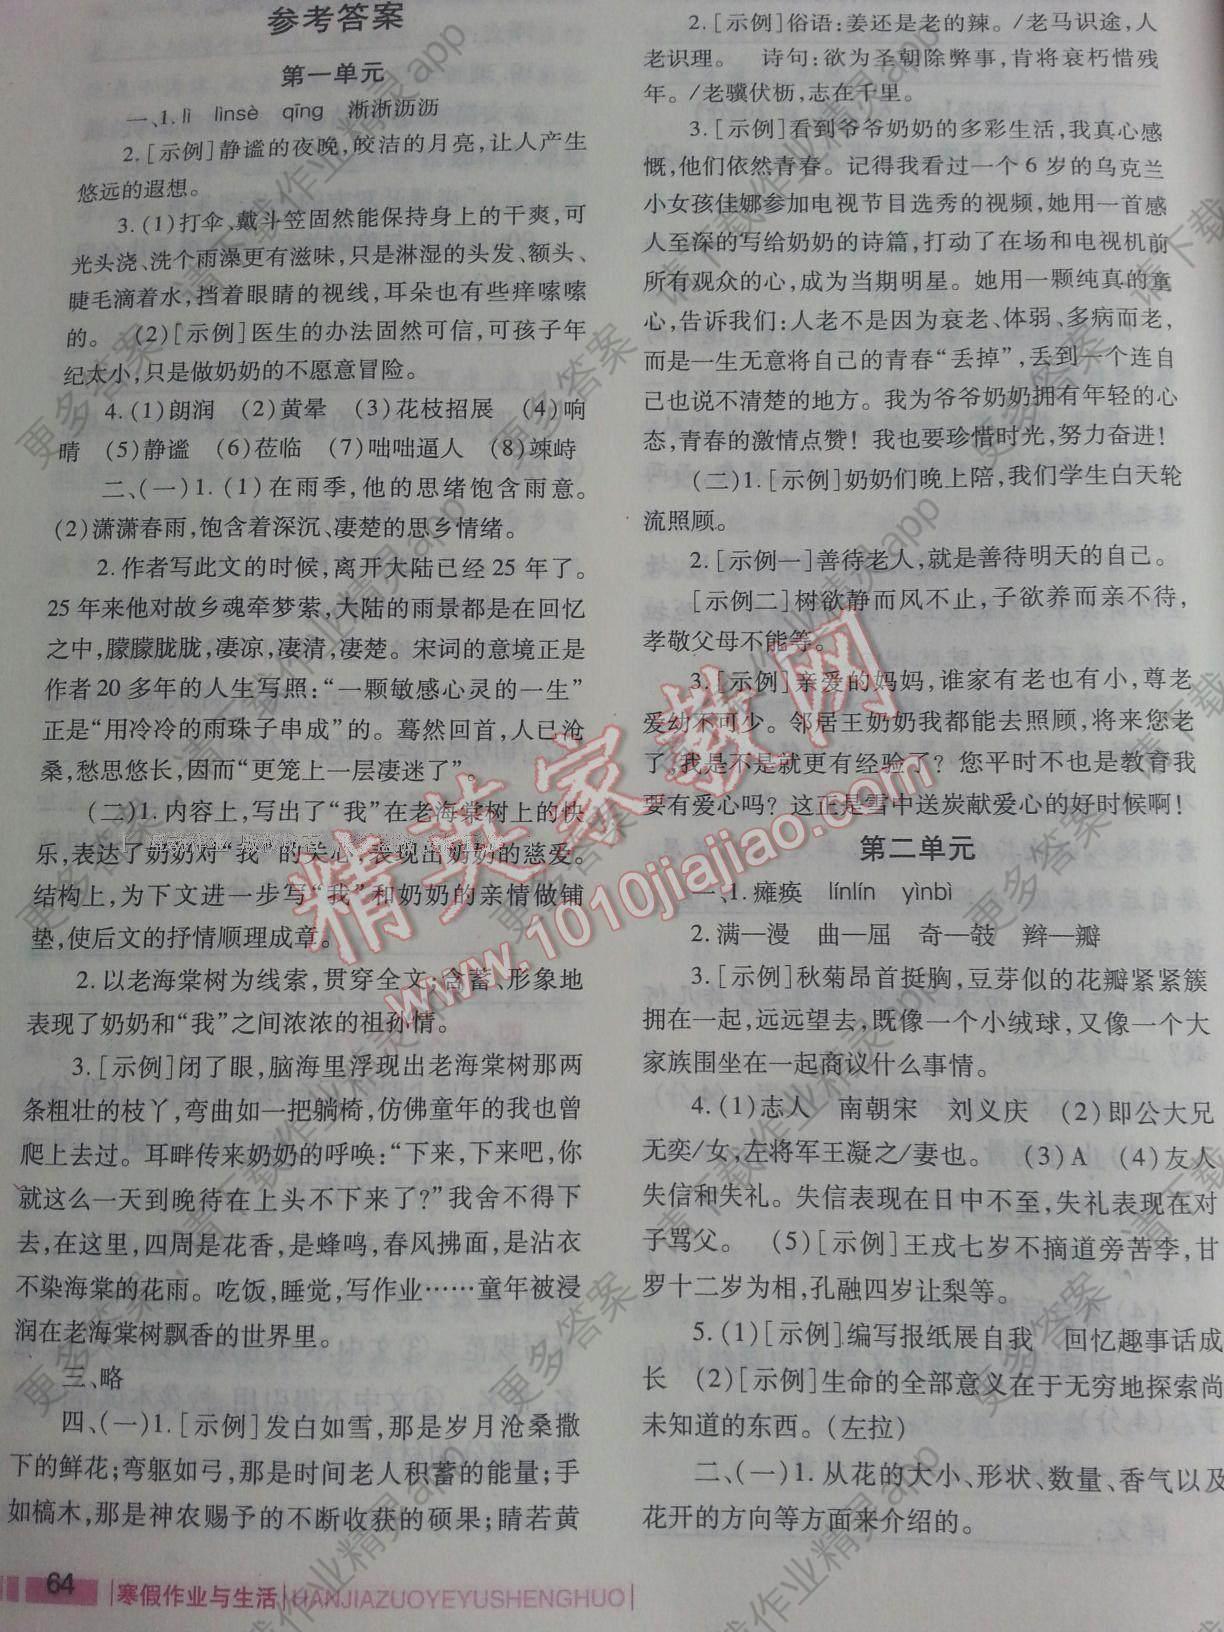 陕西省总人口多少人读作多少_陕西省洋县人刘小艳(2)